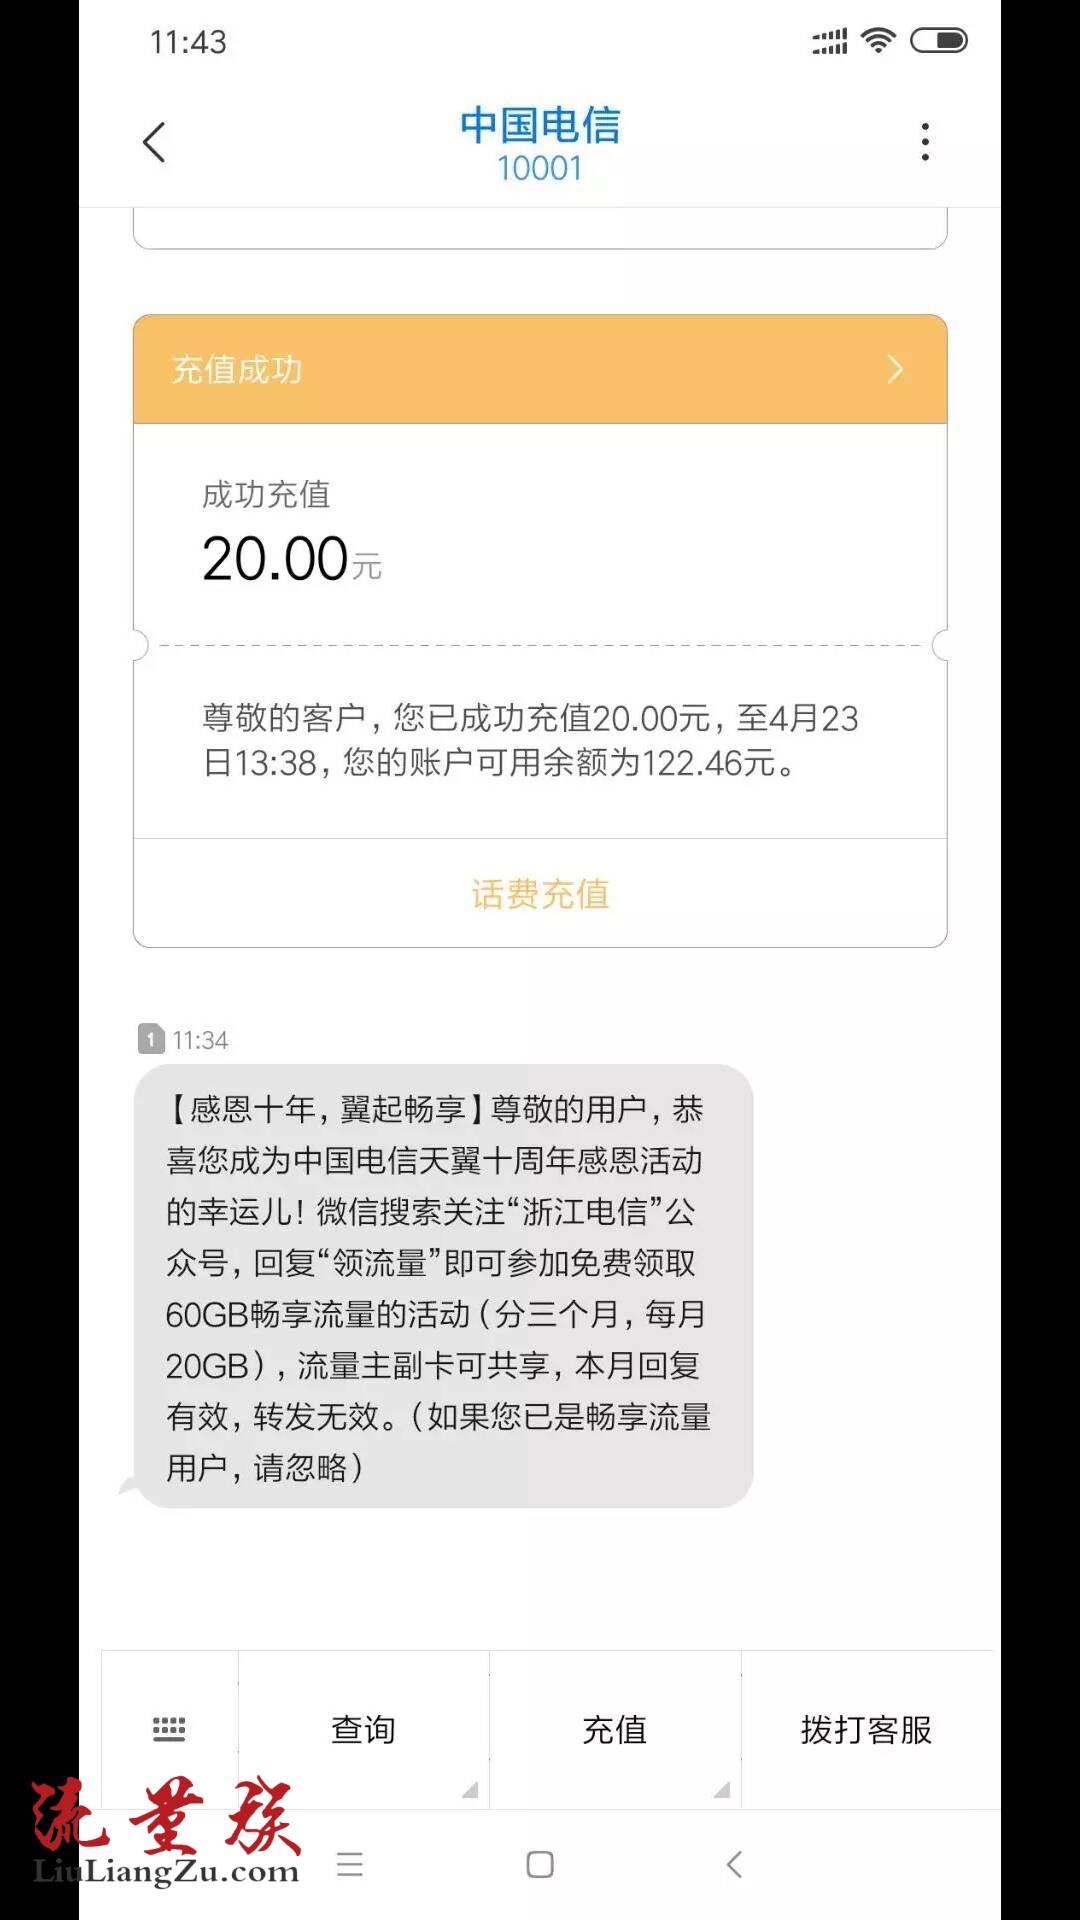 浙江电信天翼十周年感恩活动领取60GB流量